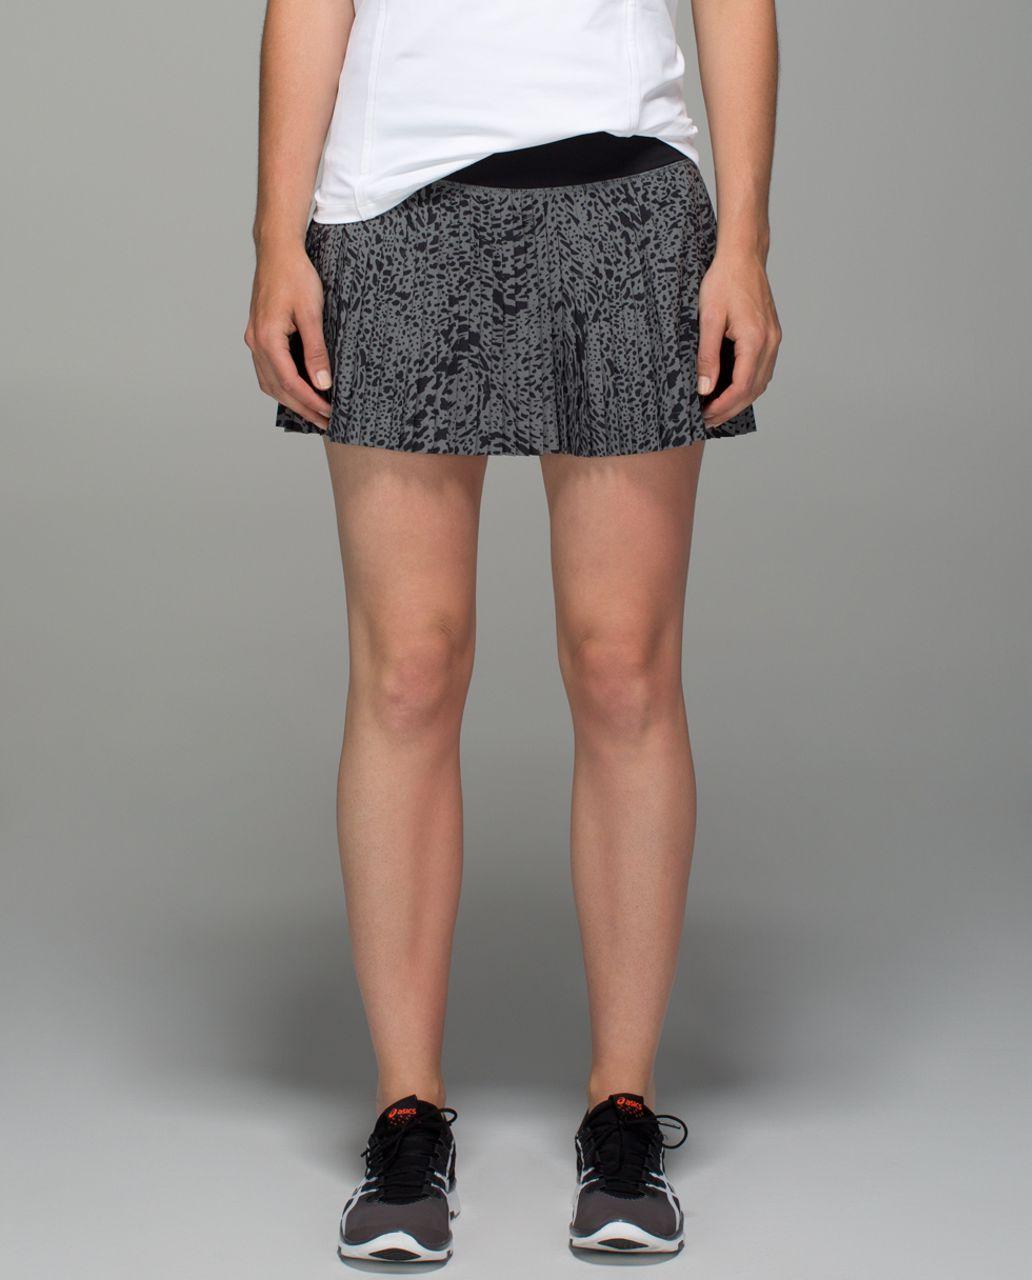 2be3bca60f Lululemon Pleat To Street Skirt II - Watermark Slate Black - lulu ...